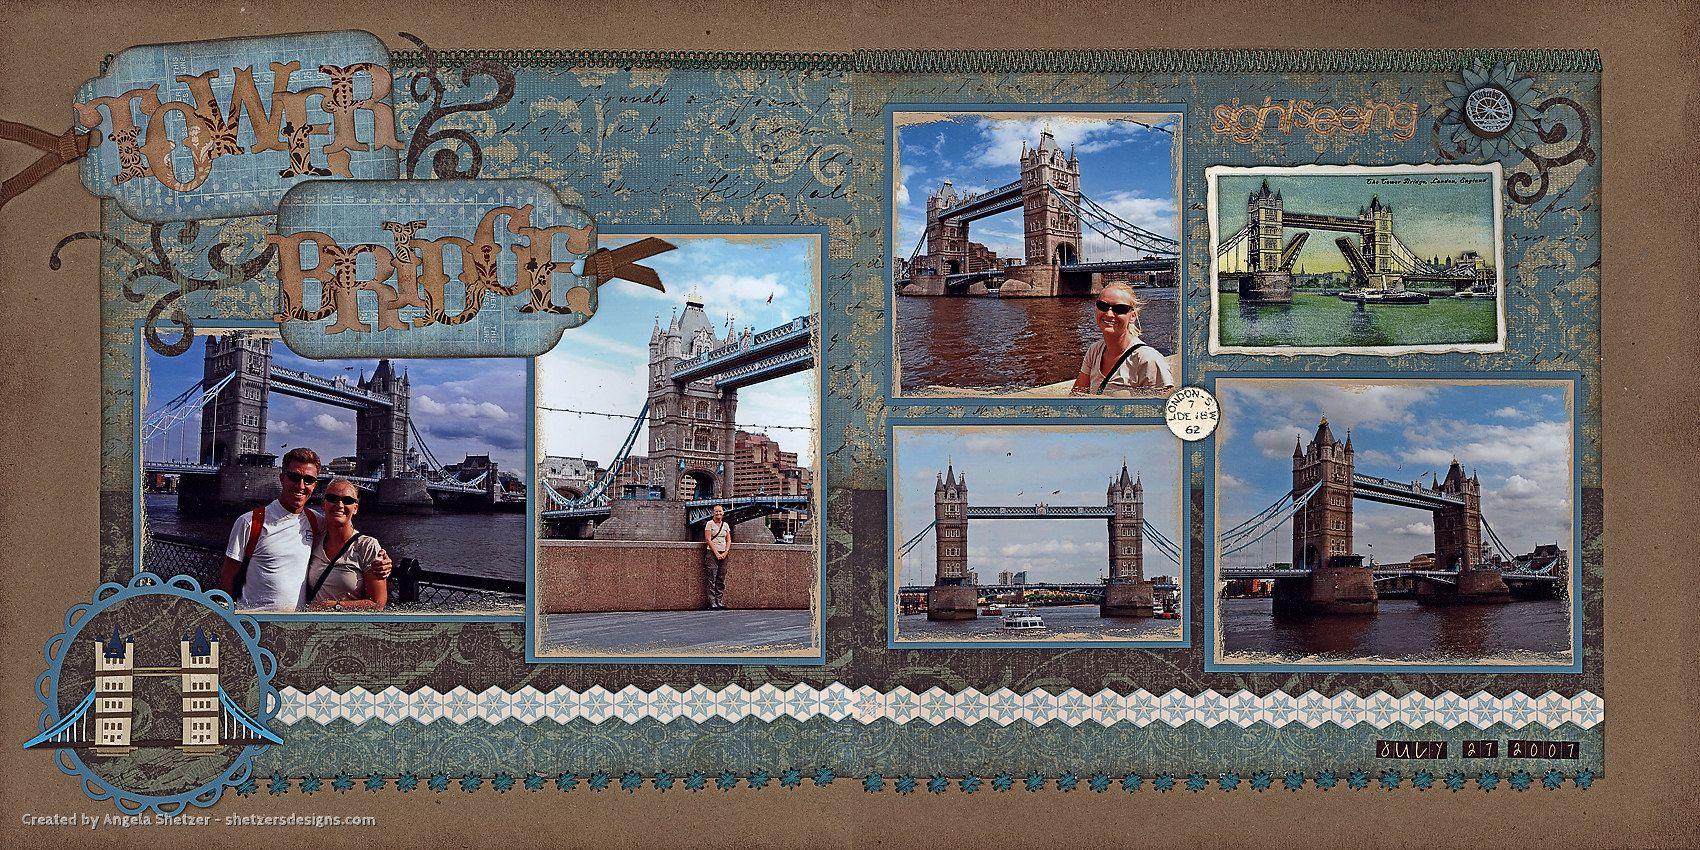 Scrapbook ideas england - Bridge Scrapbook Scrapbook Uk Scrapbook London Scrapbooking Europe England Scrapbook Scrapbooking Ideas Britain Layouts Scrap Europe Europe Album